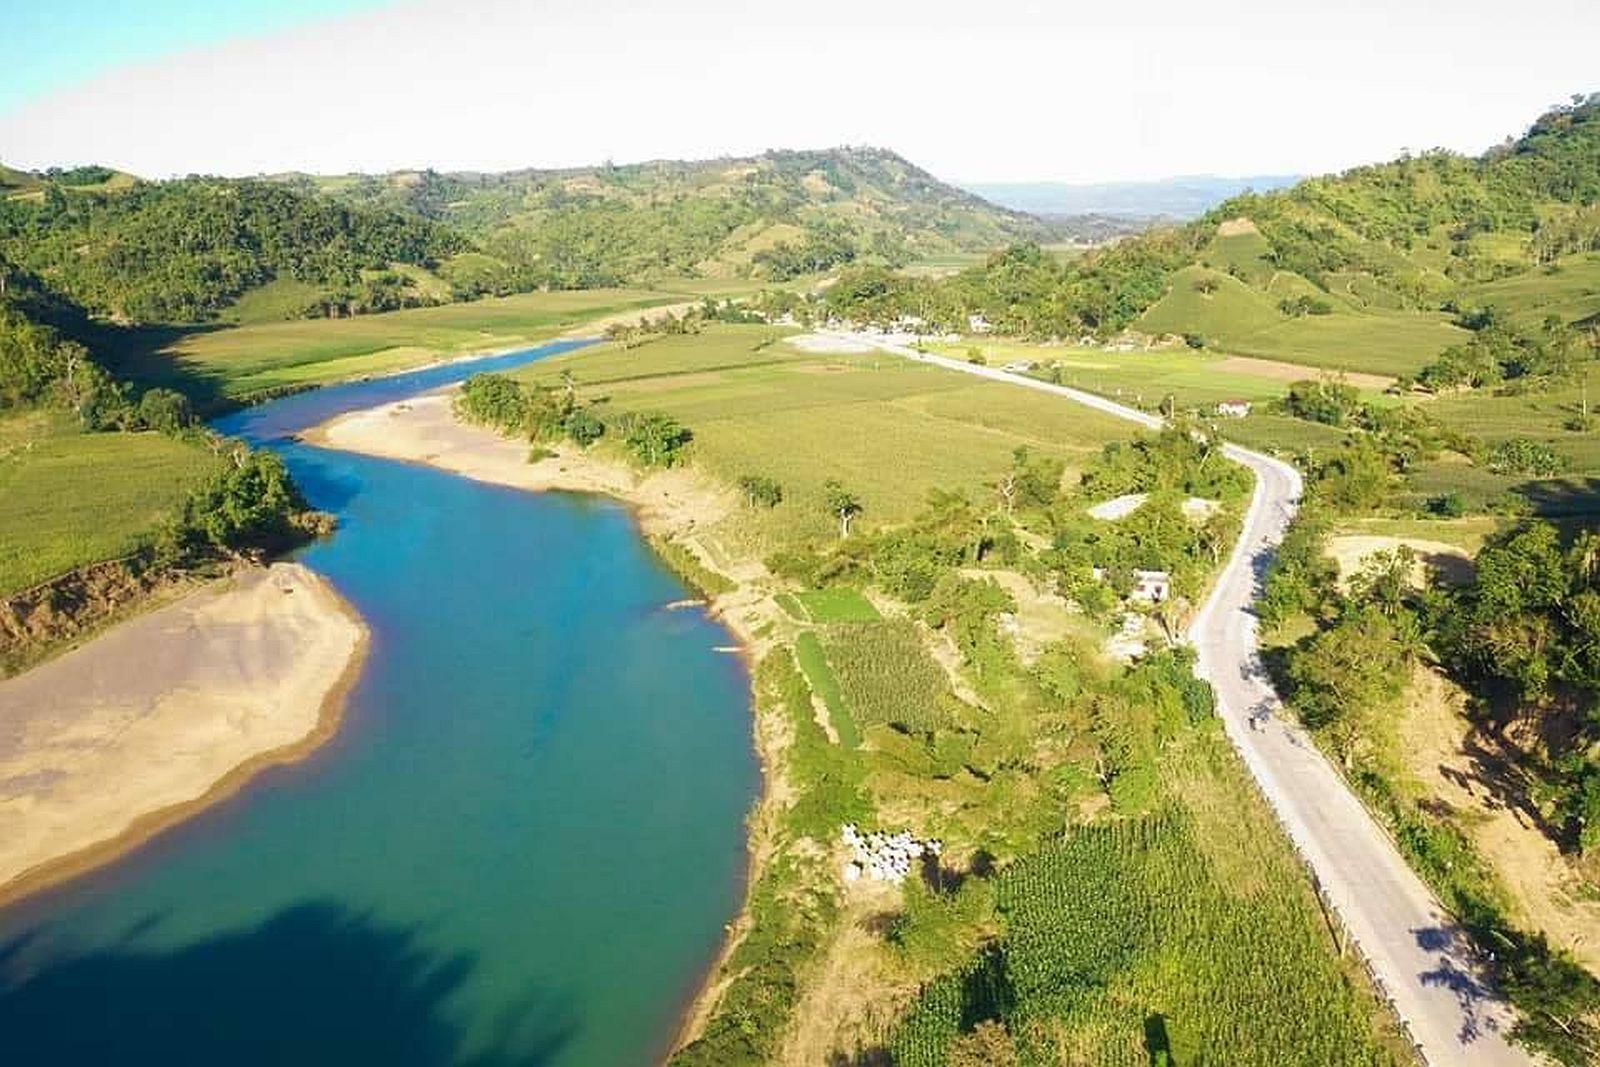 PHILIPPINEN REISEN - ORTE - NORHTERN LUZON - CAGAYAN - Touristische Ortsbeschreibung für Baggao